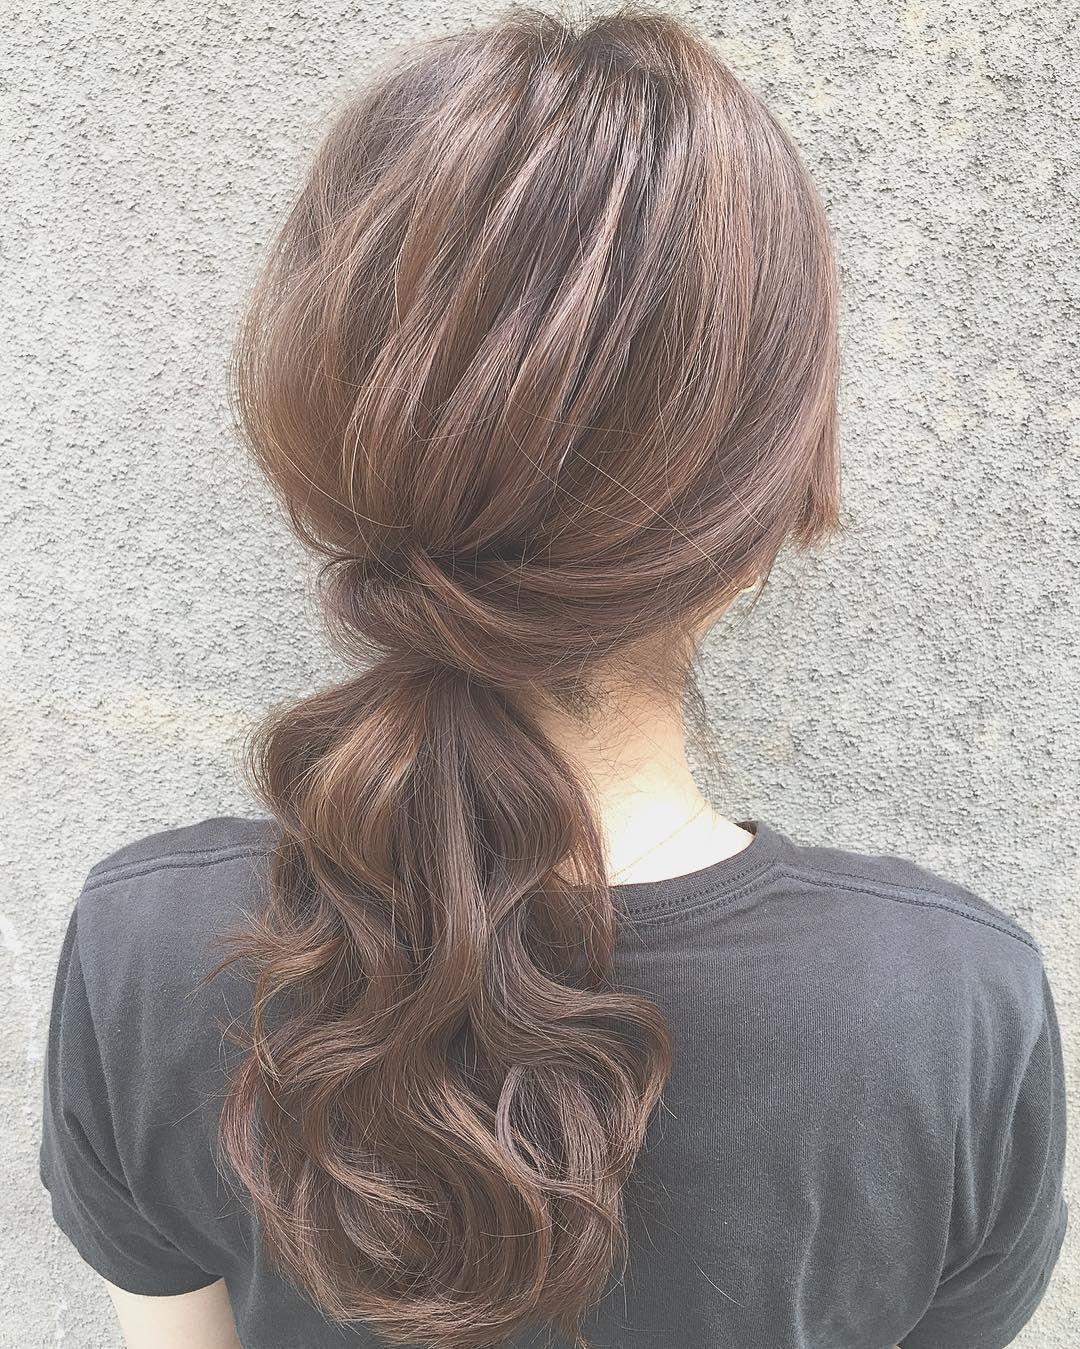 ボード Kind Of Hair I Want のピン